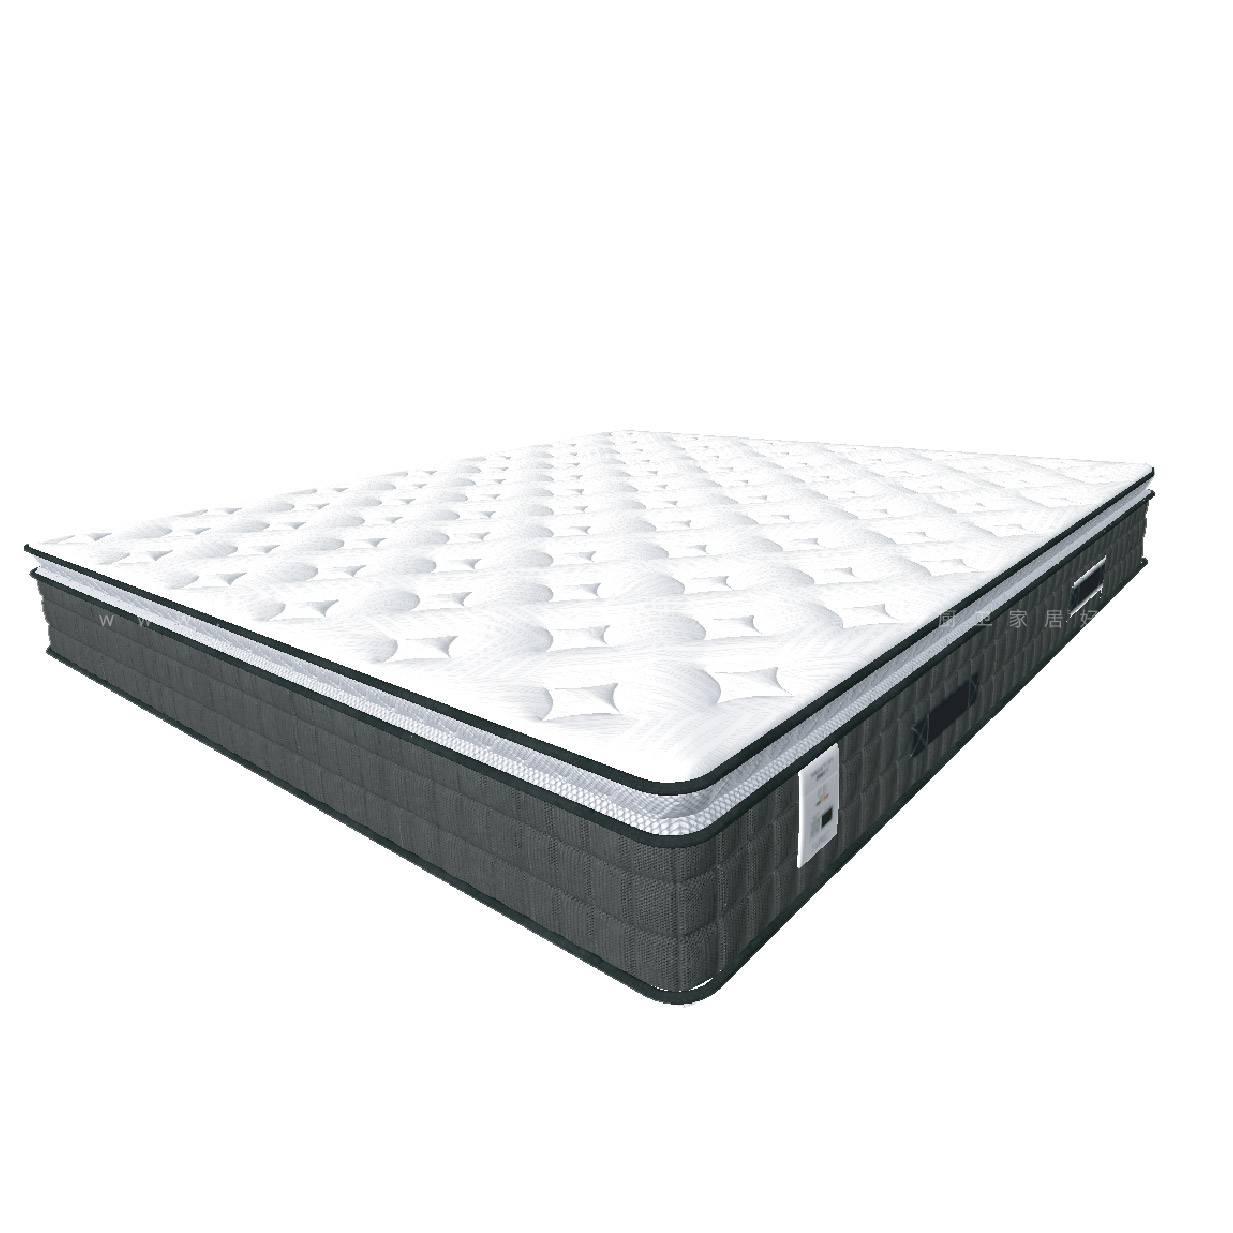 鹿眠5号床垫-七区小口径独立袋装弹簧+3D黑科技芯材·防螨抑菌(提前20天申请发货)